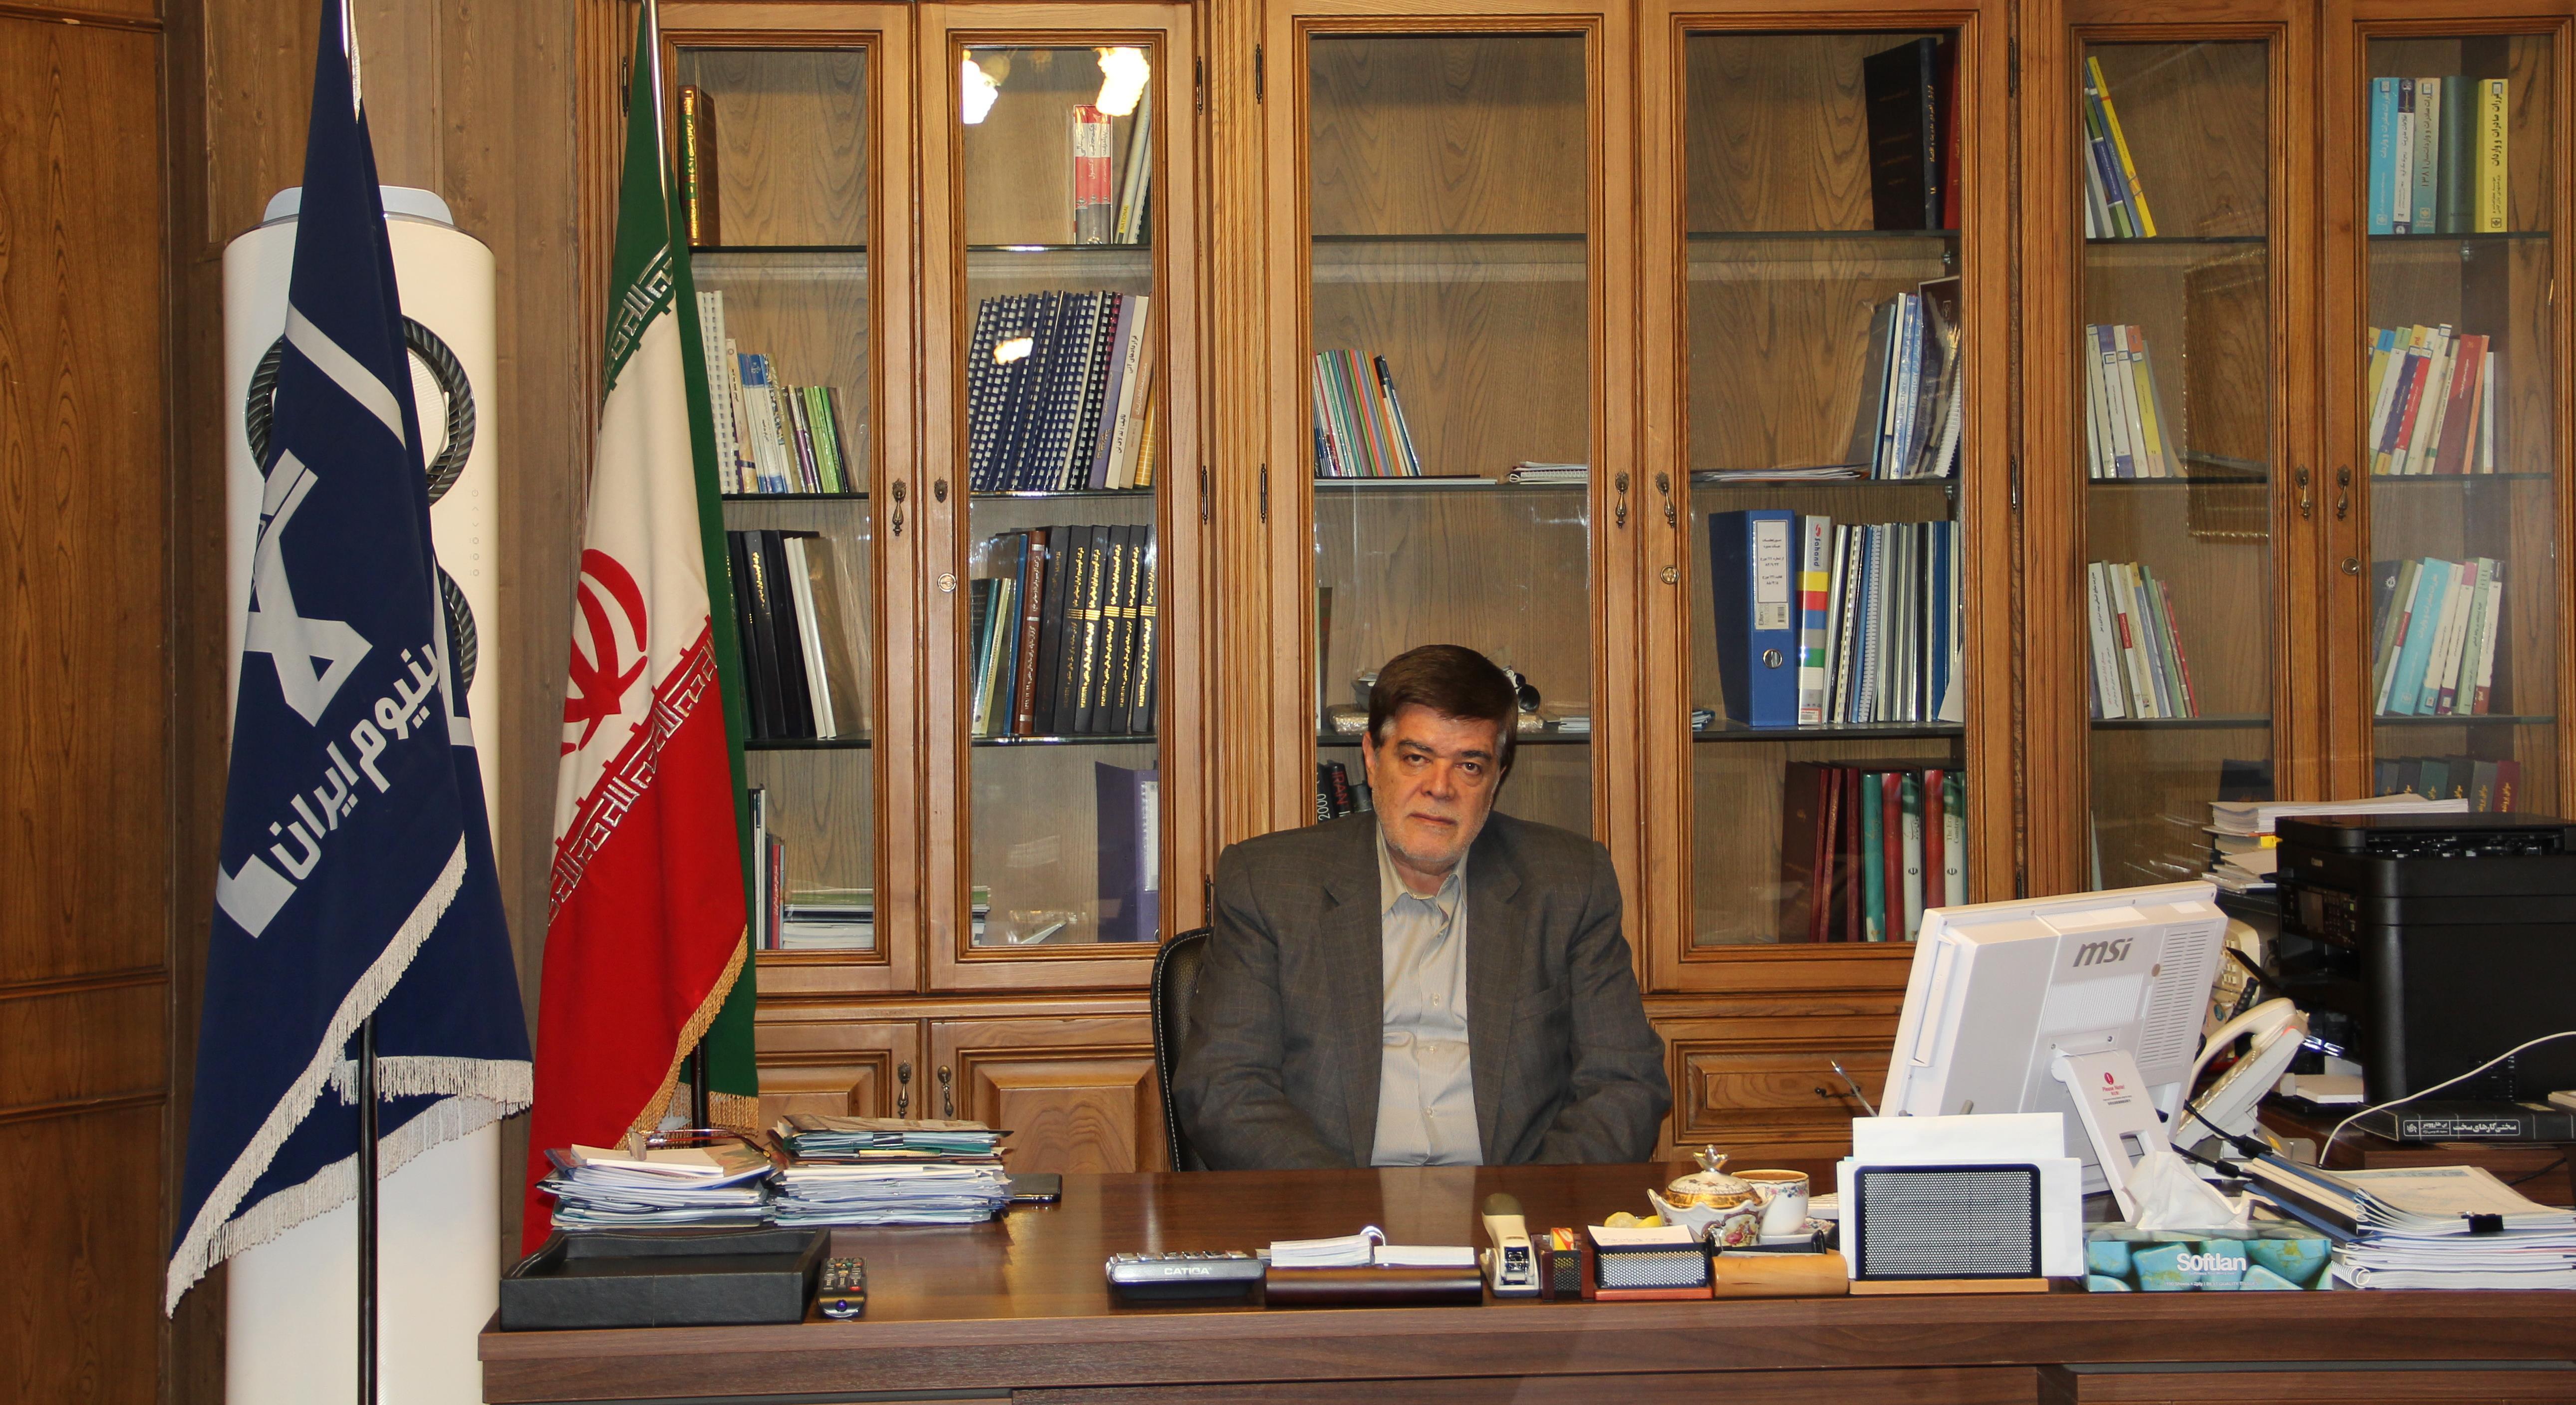 مدیرعامل شرکت آلومینیوم ایران مطرح کرد: 80 درصد آلومینیوم ایران توسط شرکت ایرالکو تولید میشود/ واردات آلومینا با صرف هزینه بسیار